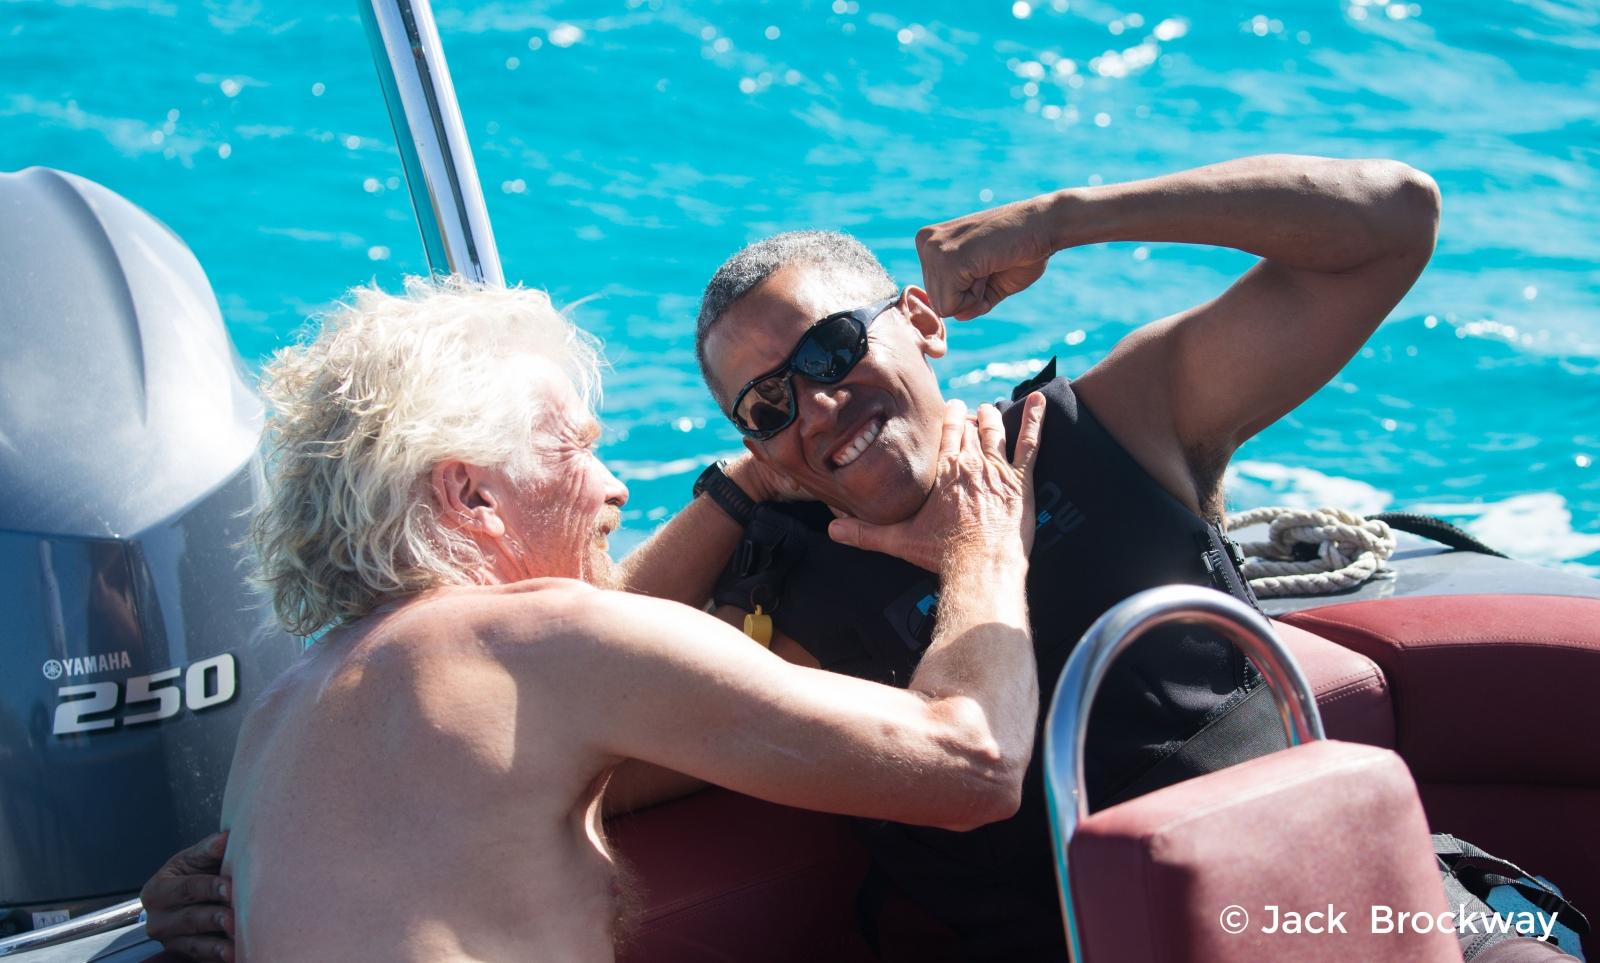 Barack Obama takes on Richard Branson in kiteboarding vs foil boarding challenge